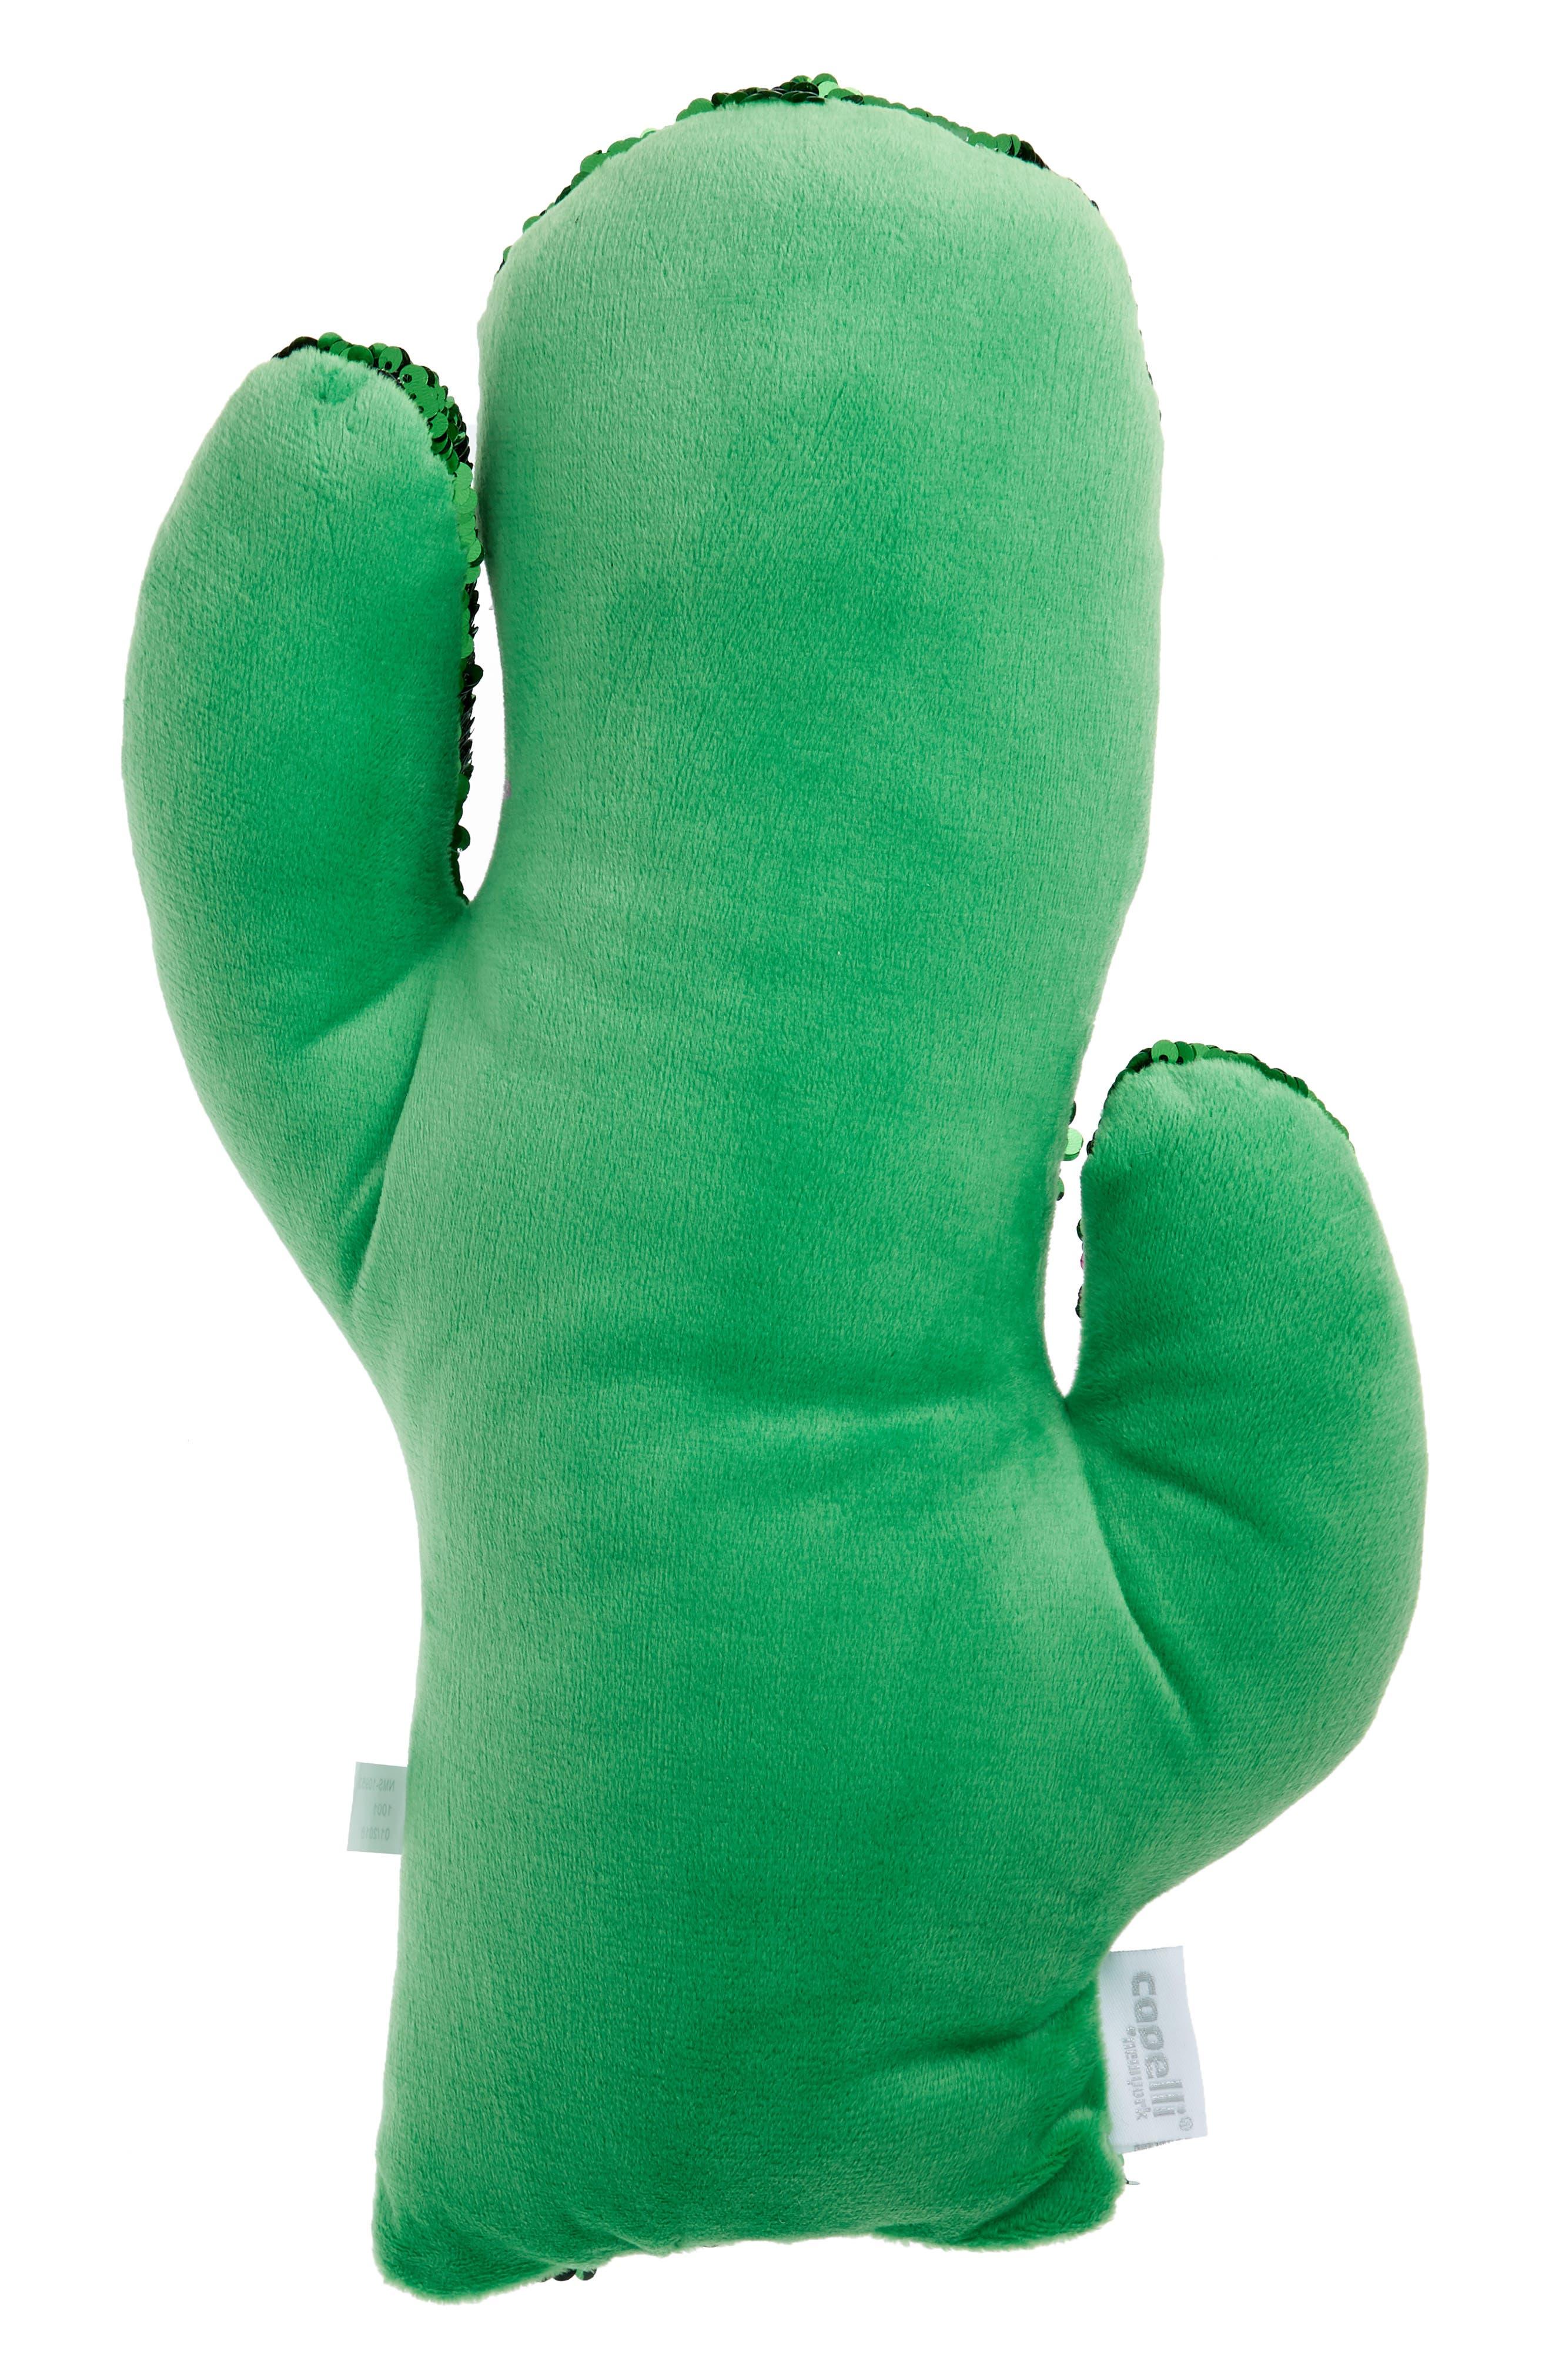 Flip Sequin Cactus Pillow,                             Alternate thumbnail 2, color,                             300